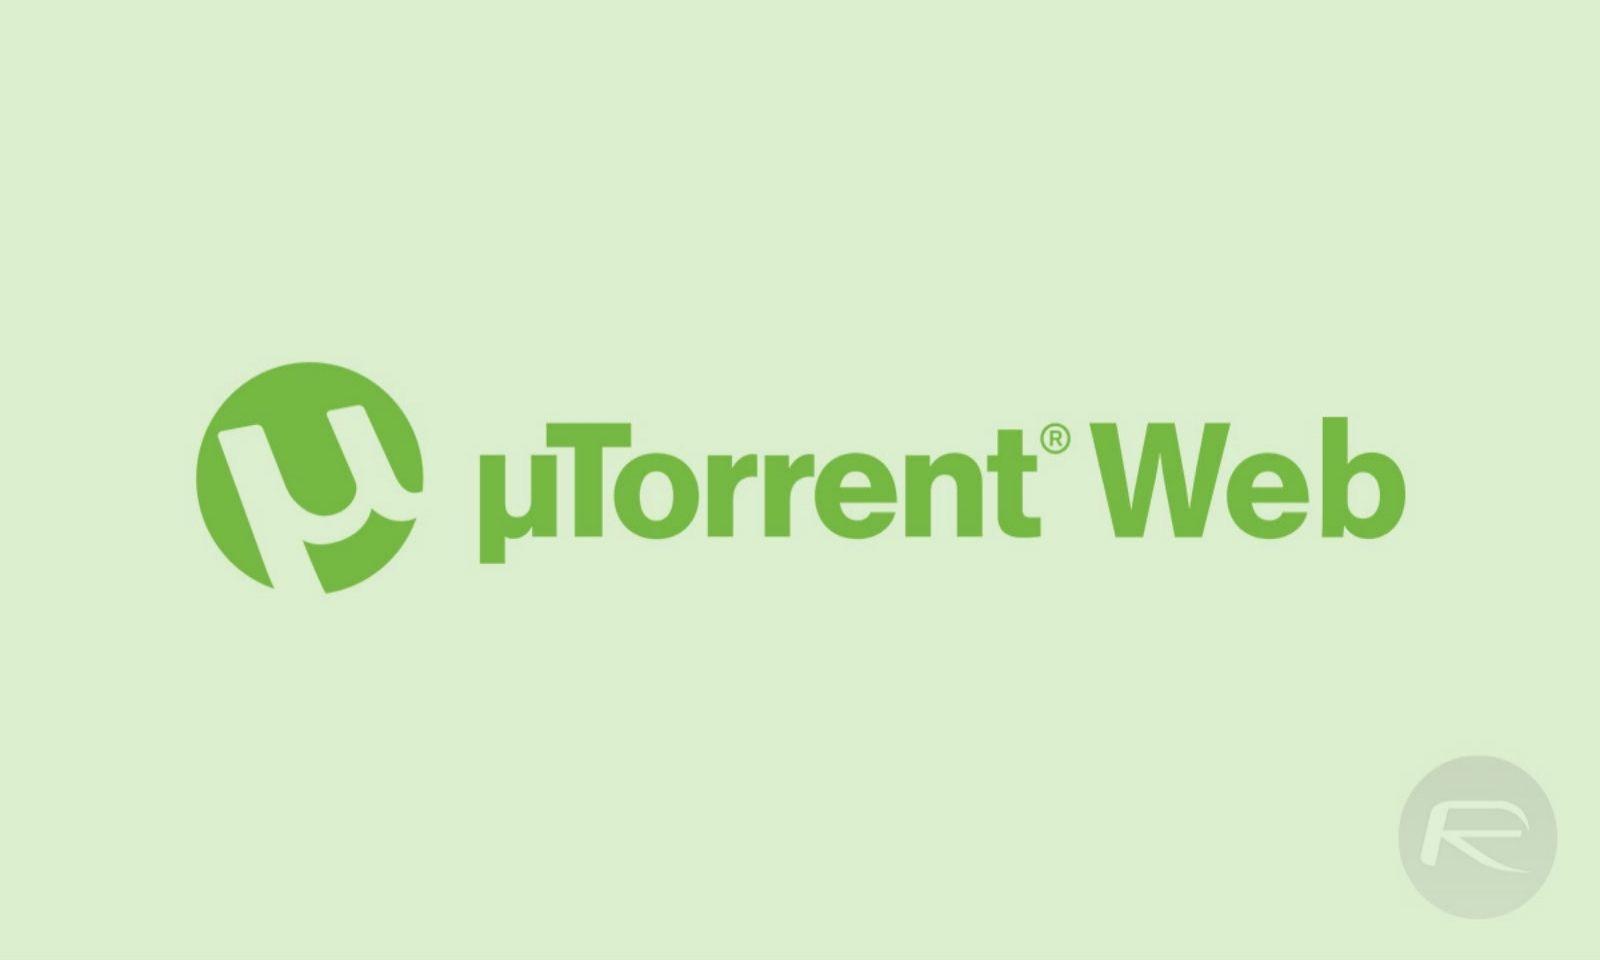 Utorrent Web Kullanima Acildi Haberler Indir Com Teknoloji Haber Teknoloji Haberleri